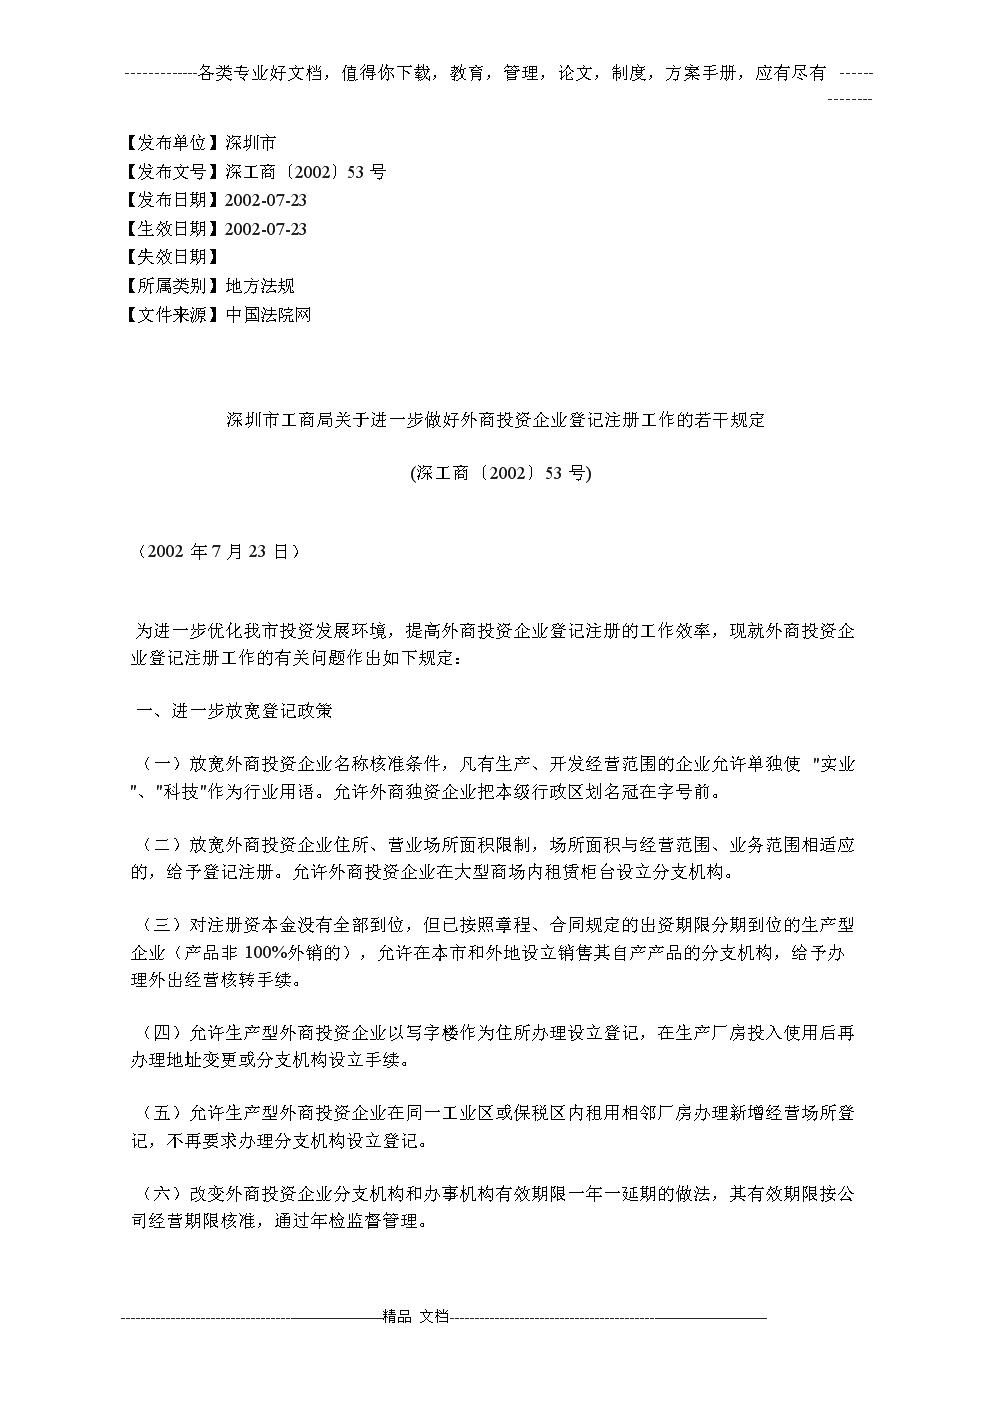 深圳市工商局关于进一步做好外商投资企业登记注册工作的若干规定.docx